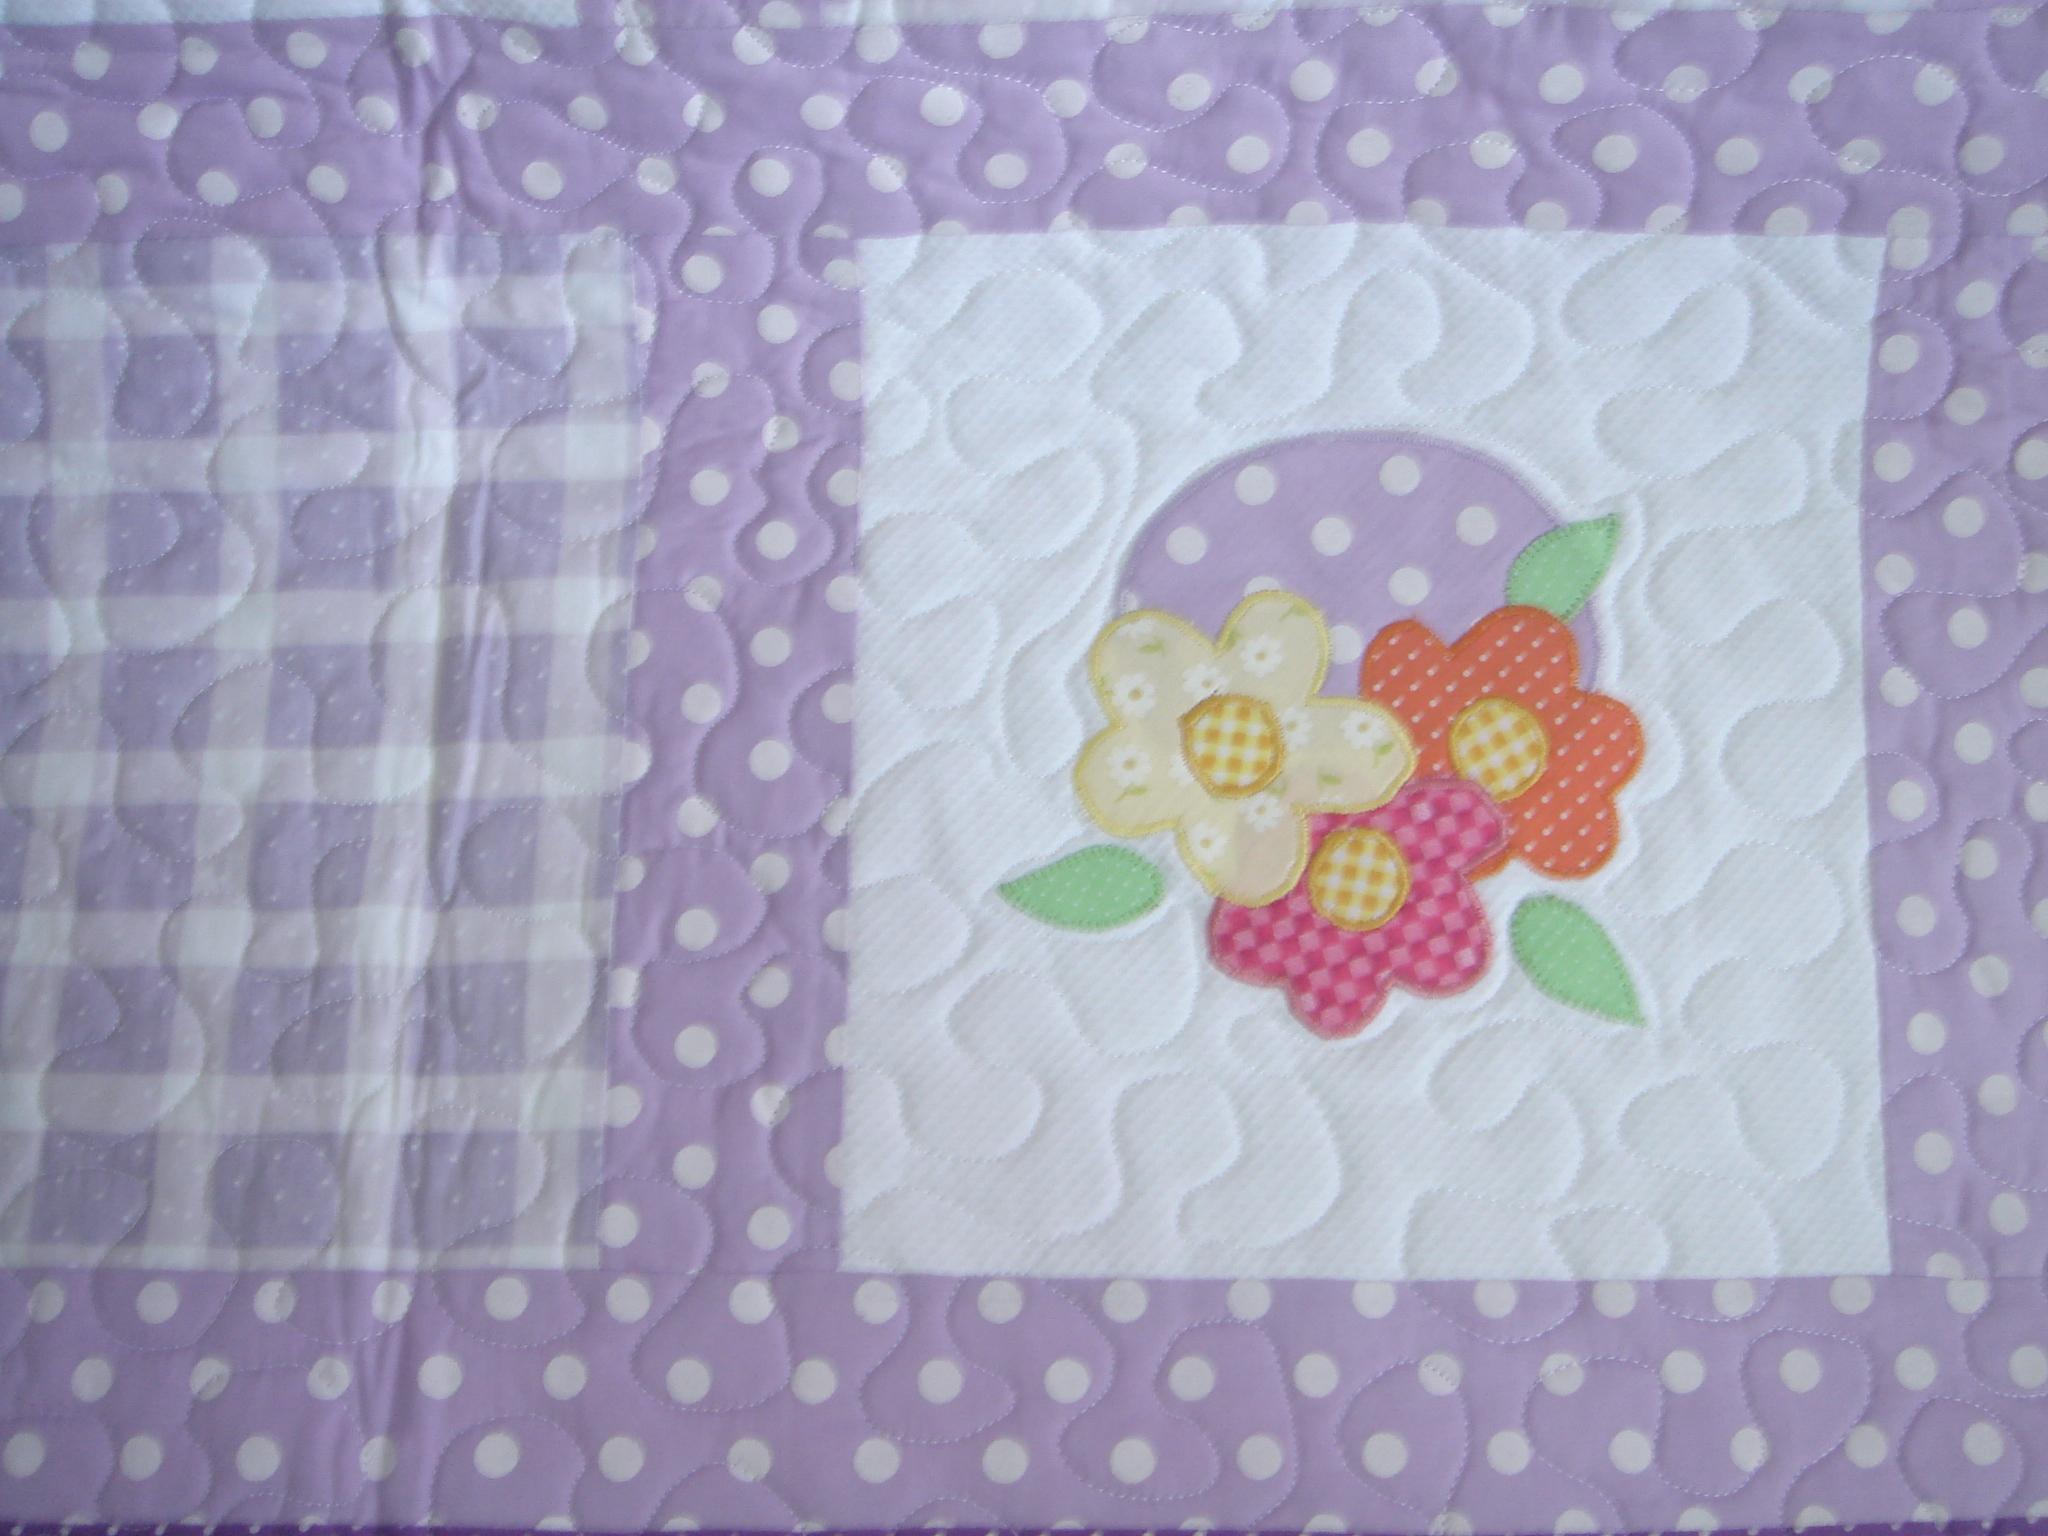 Tapete Patchwork Infantil : tapete colcha de berco em patchwork colcha de berco tapete colcha de